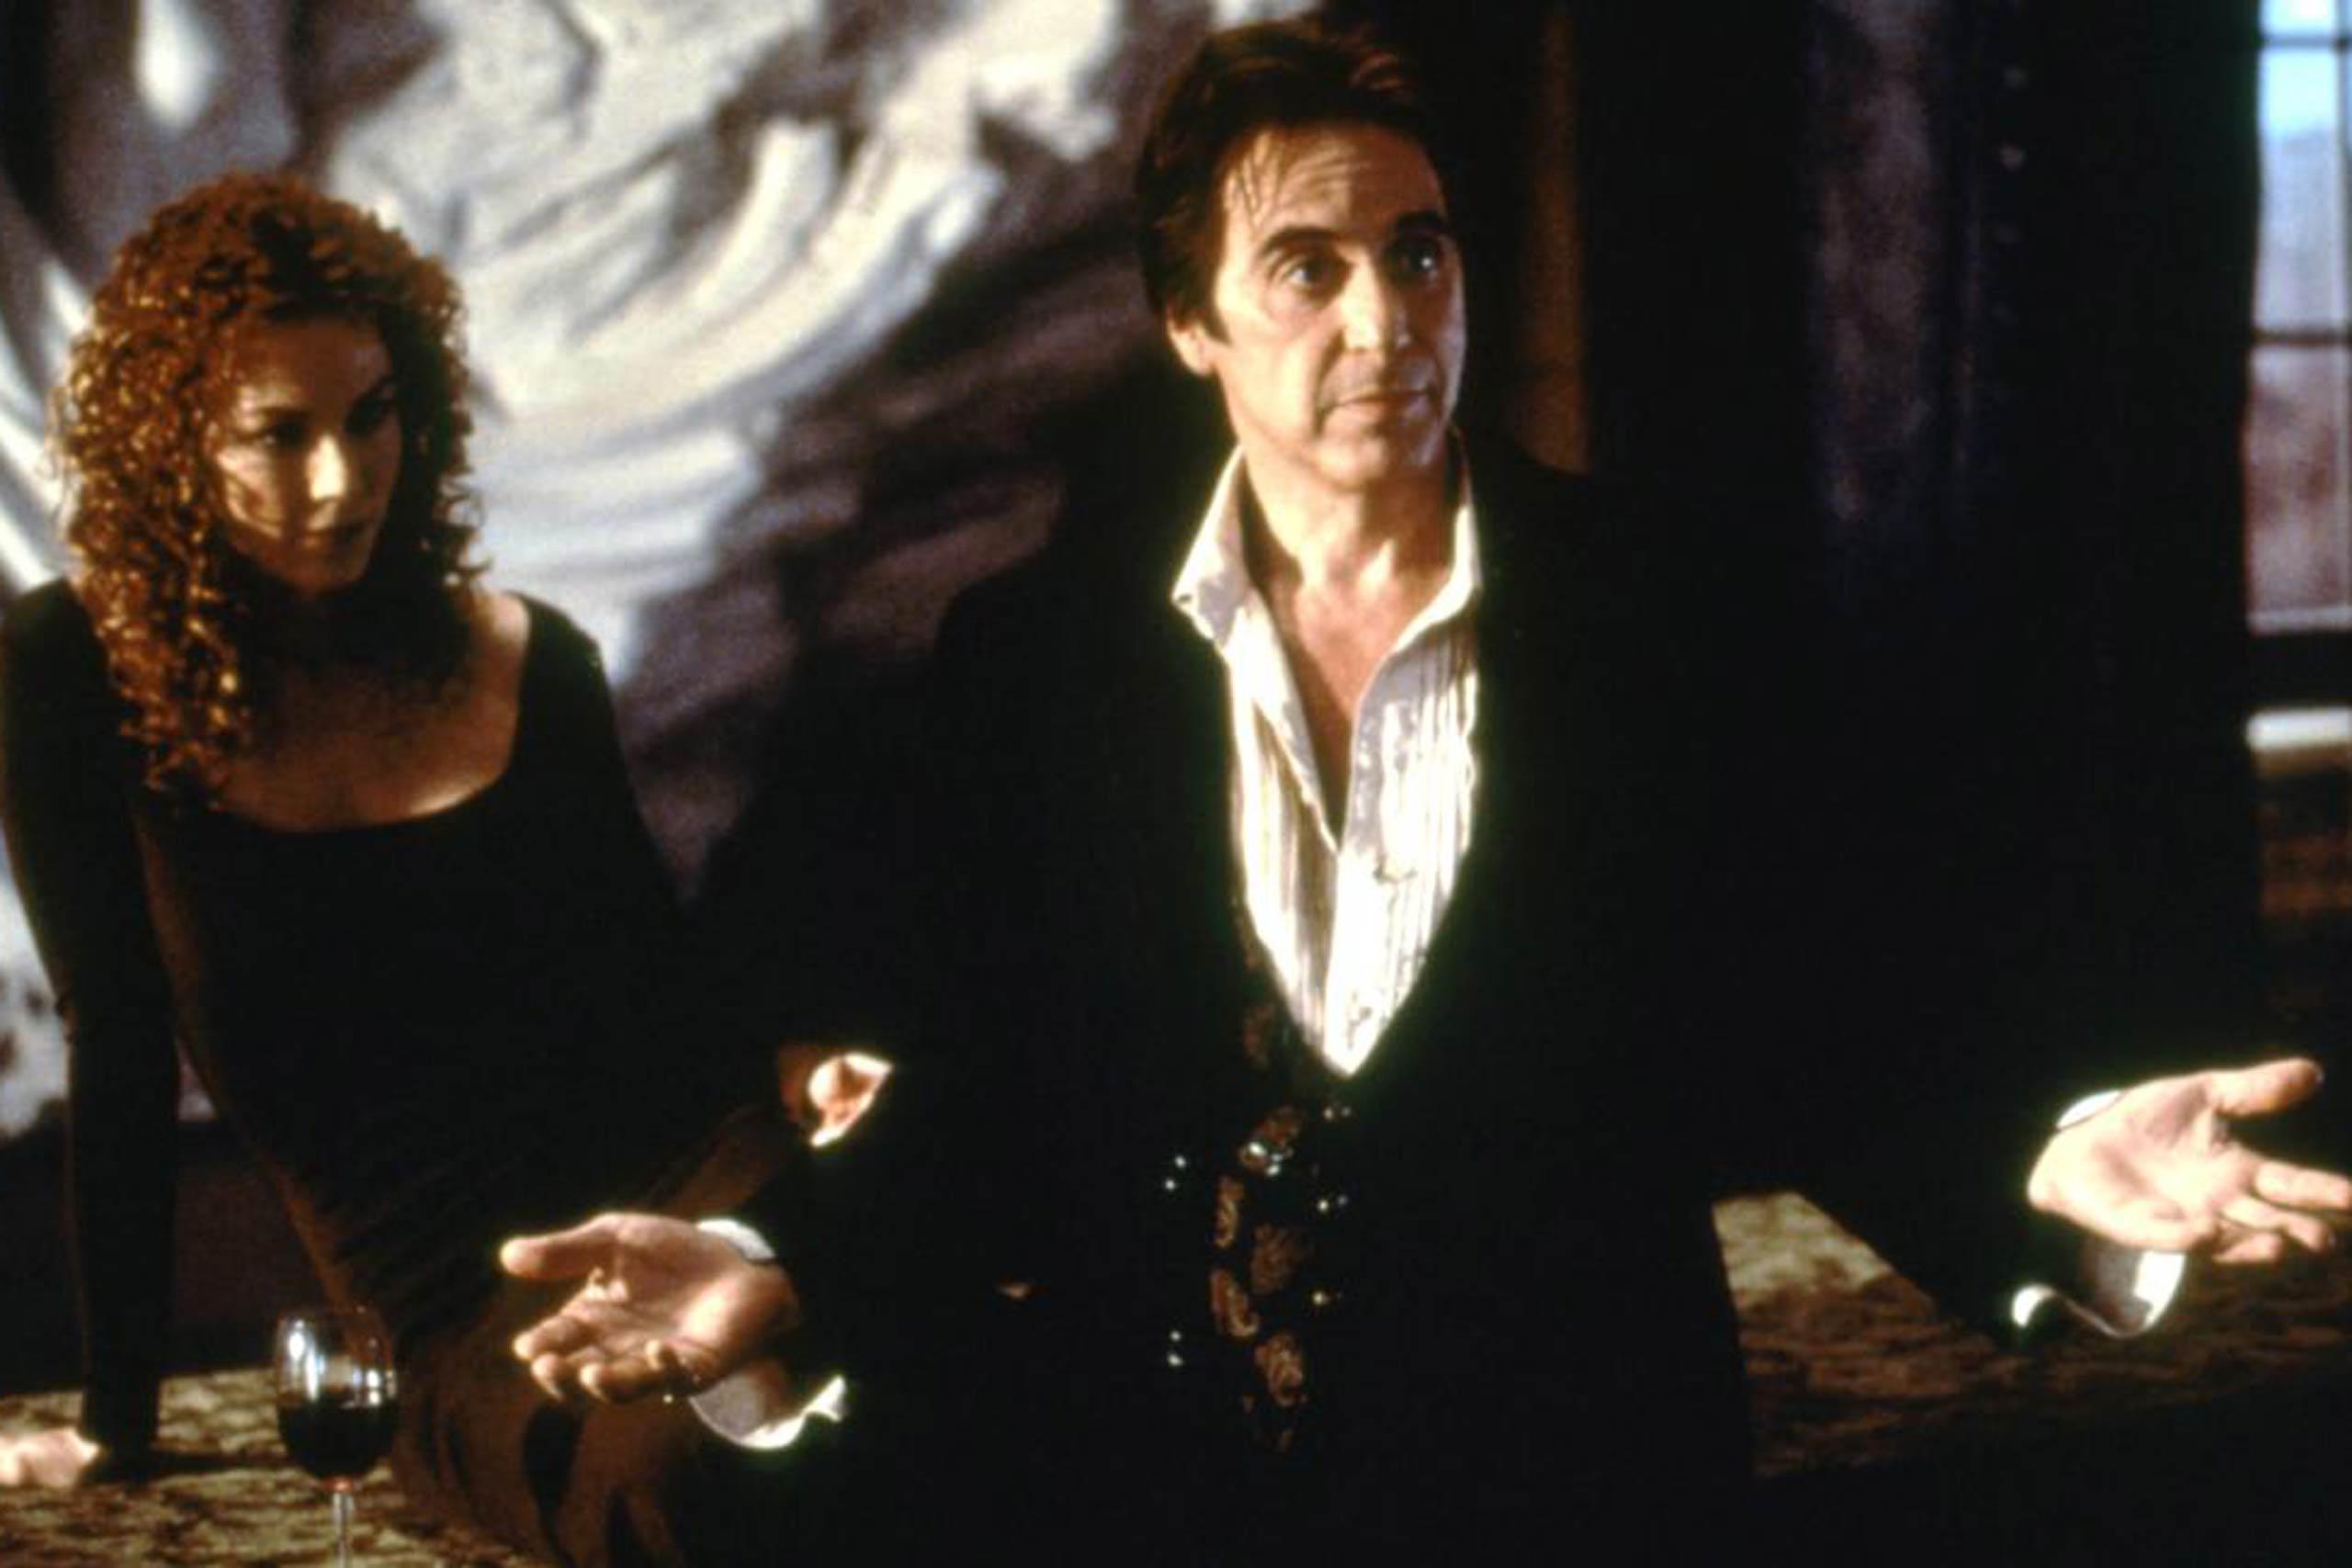 John Milton - The Devil's Advocate, 1997